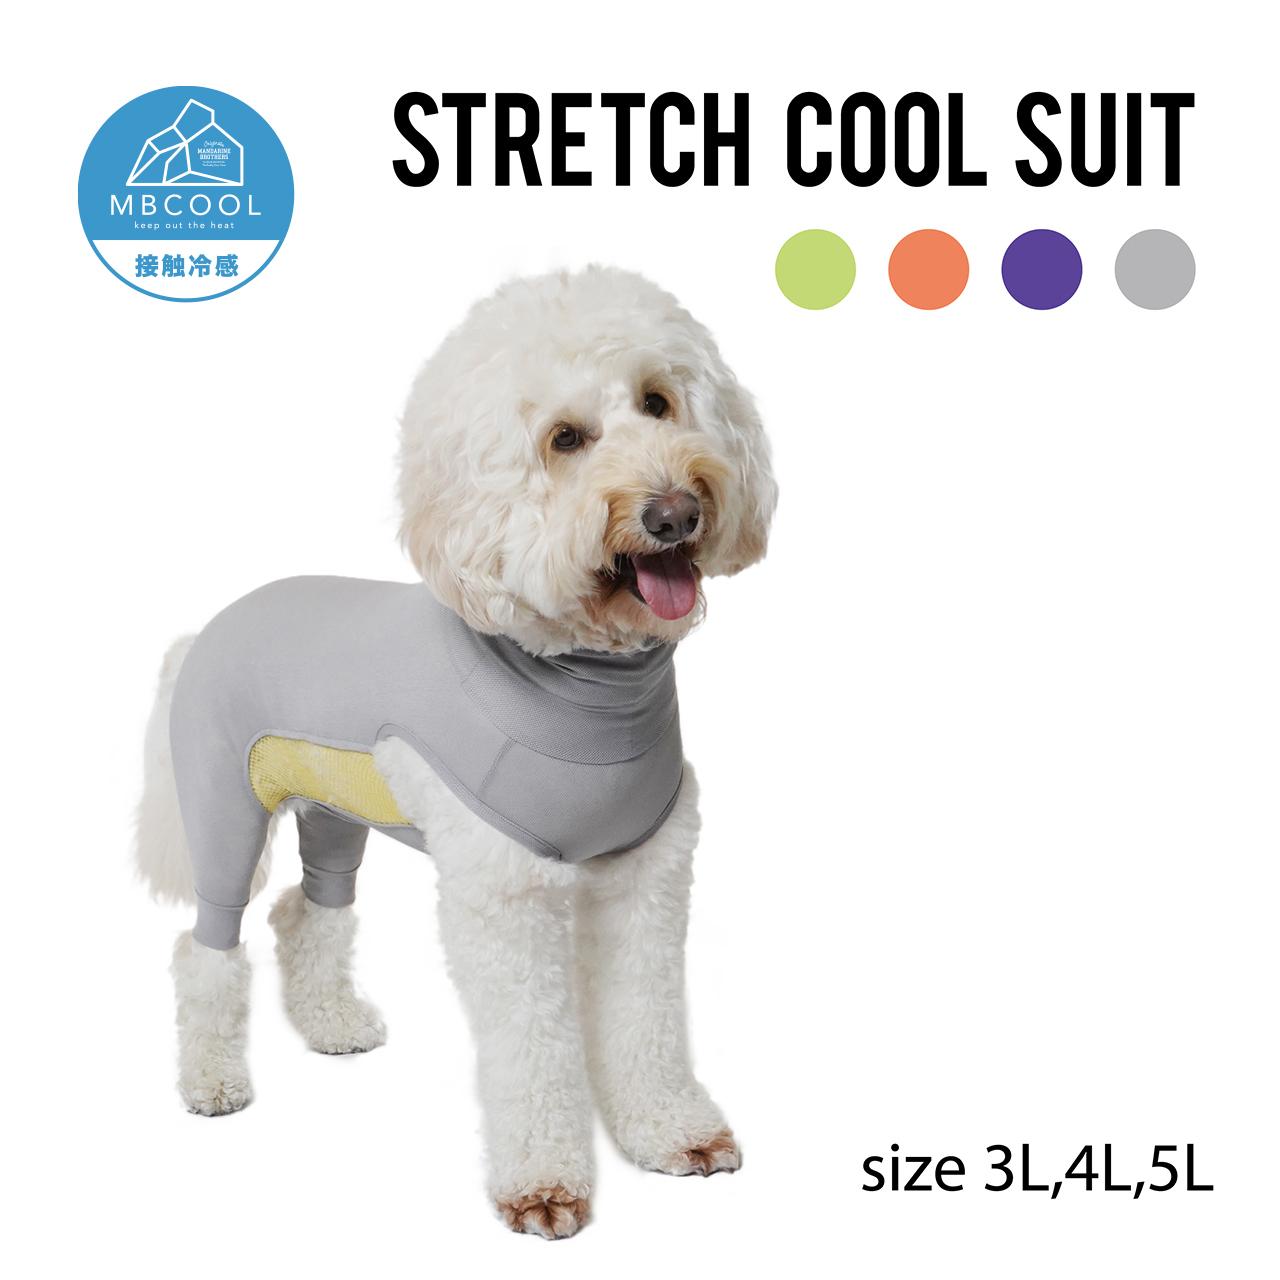 STRETCH COOL SUIT(3L,4L,5L) ストレッチクールスーツ